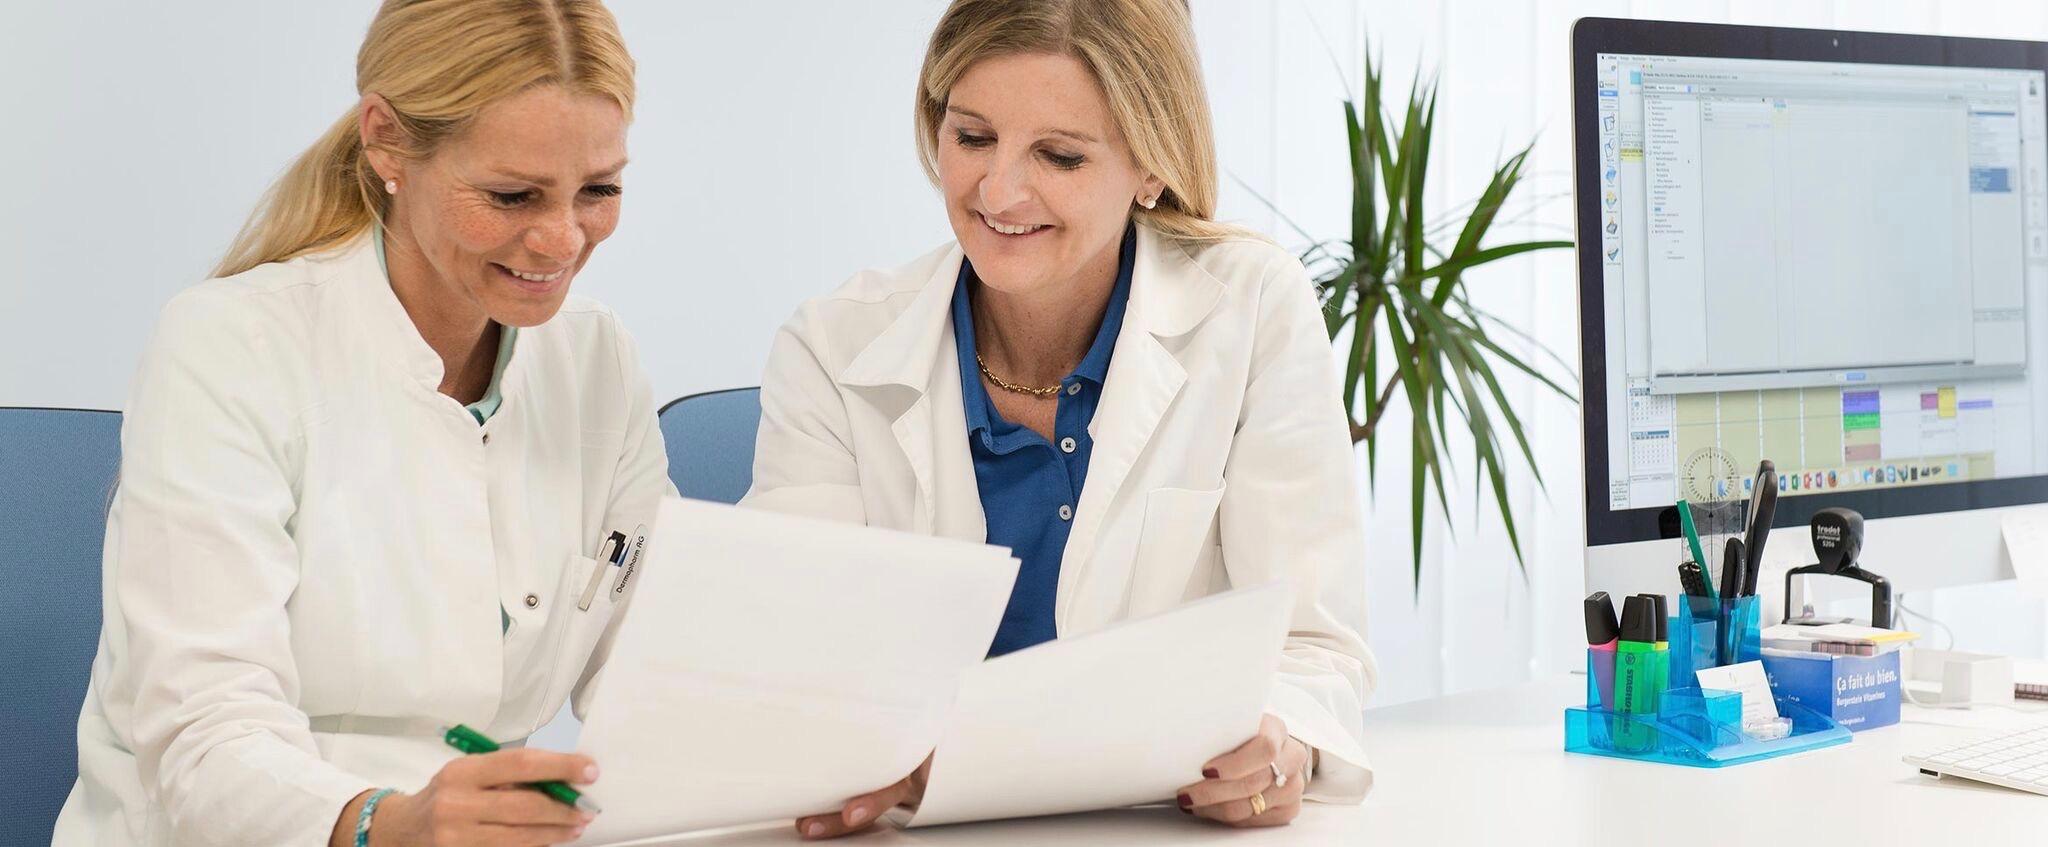 behandlung mit bioidentischen hormonen - natürliches progesteron